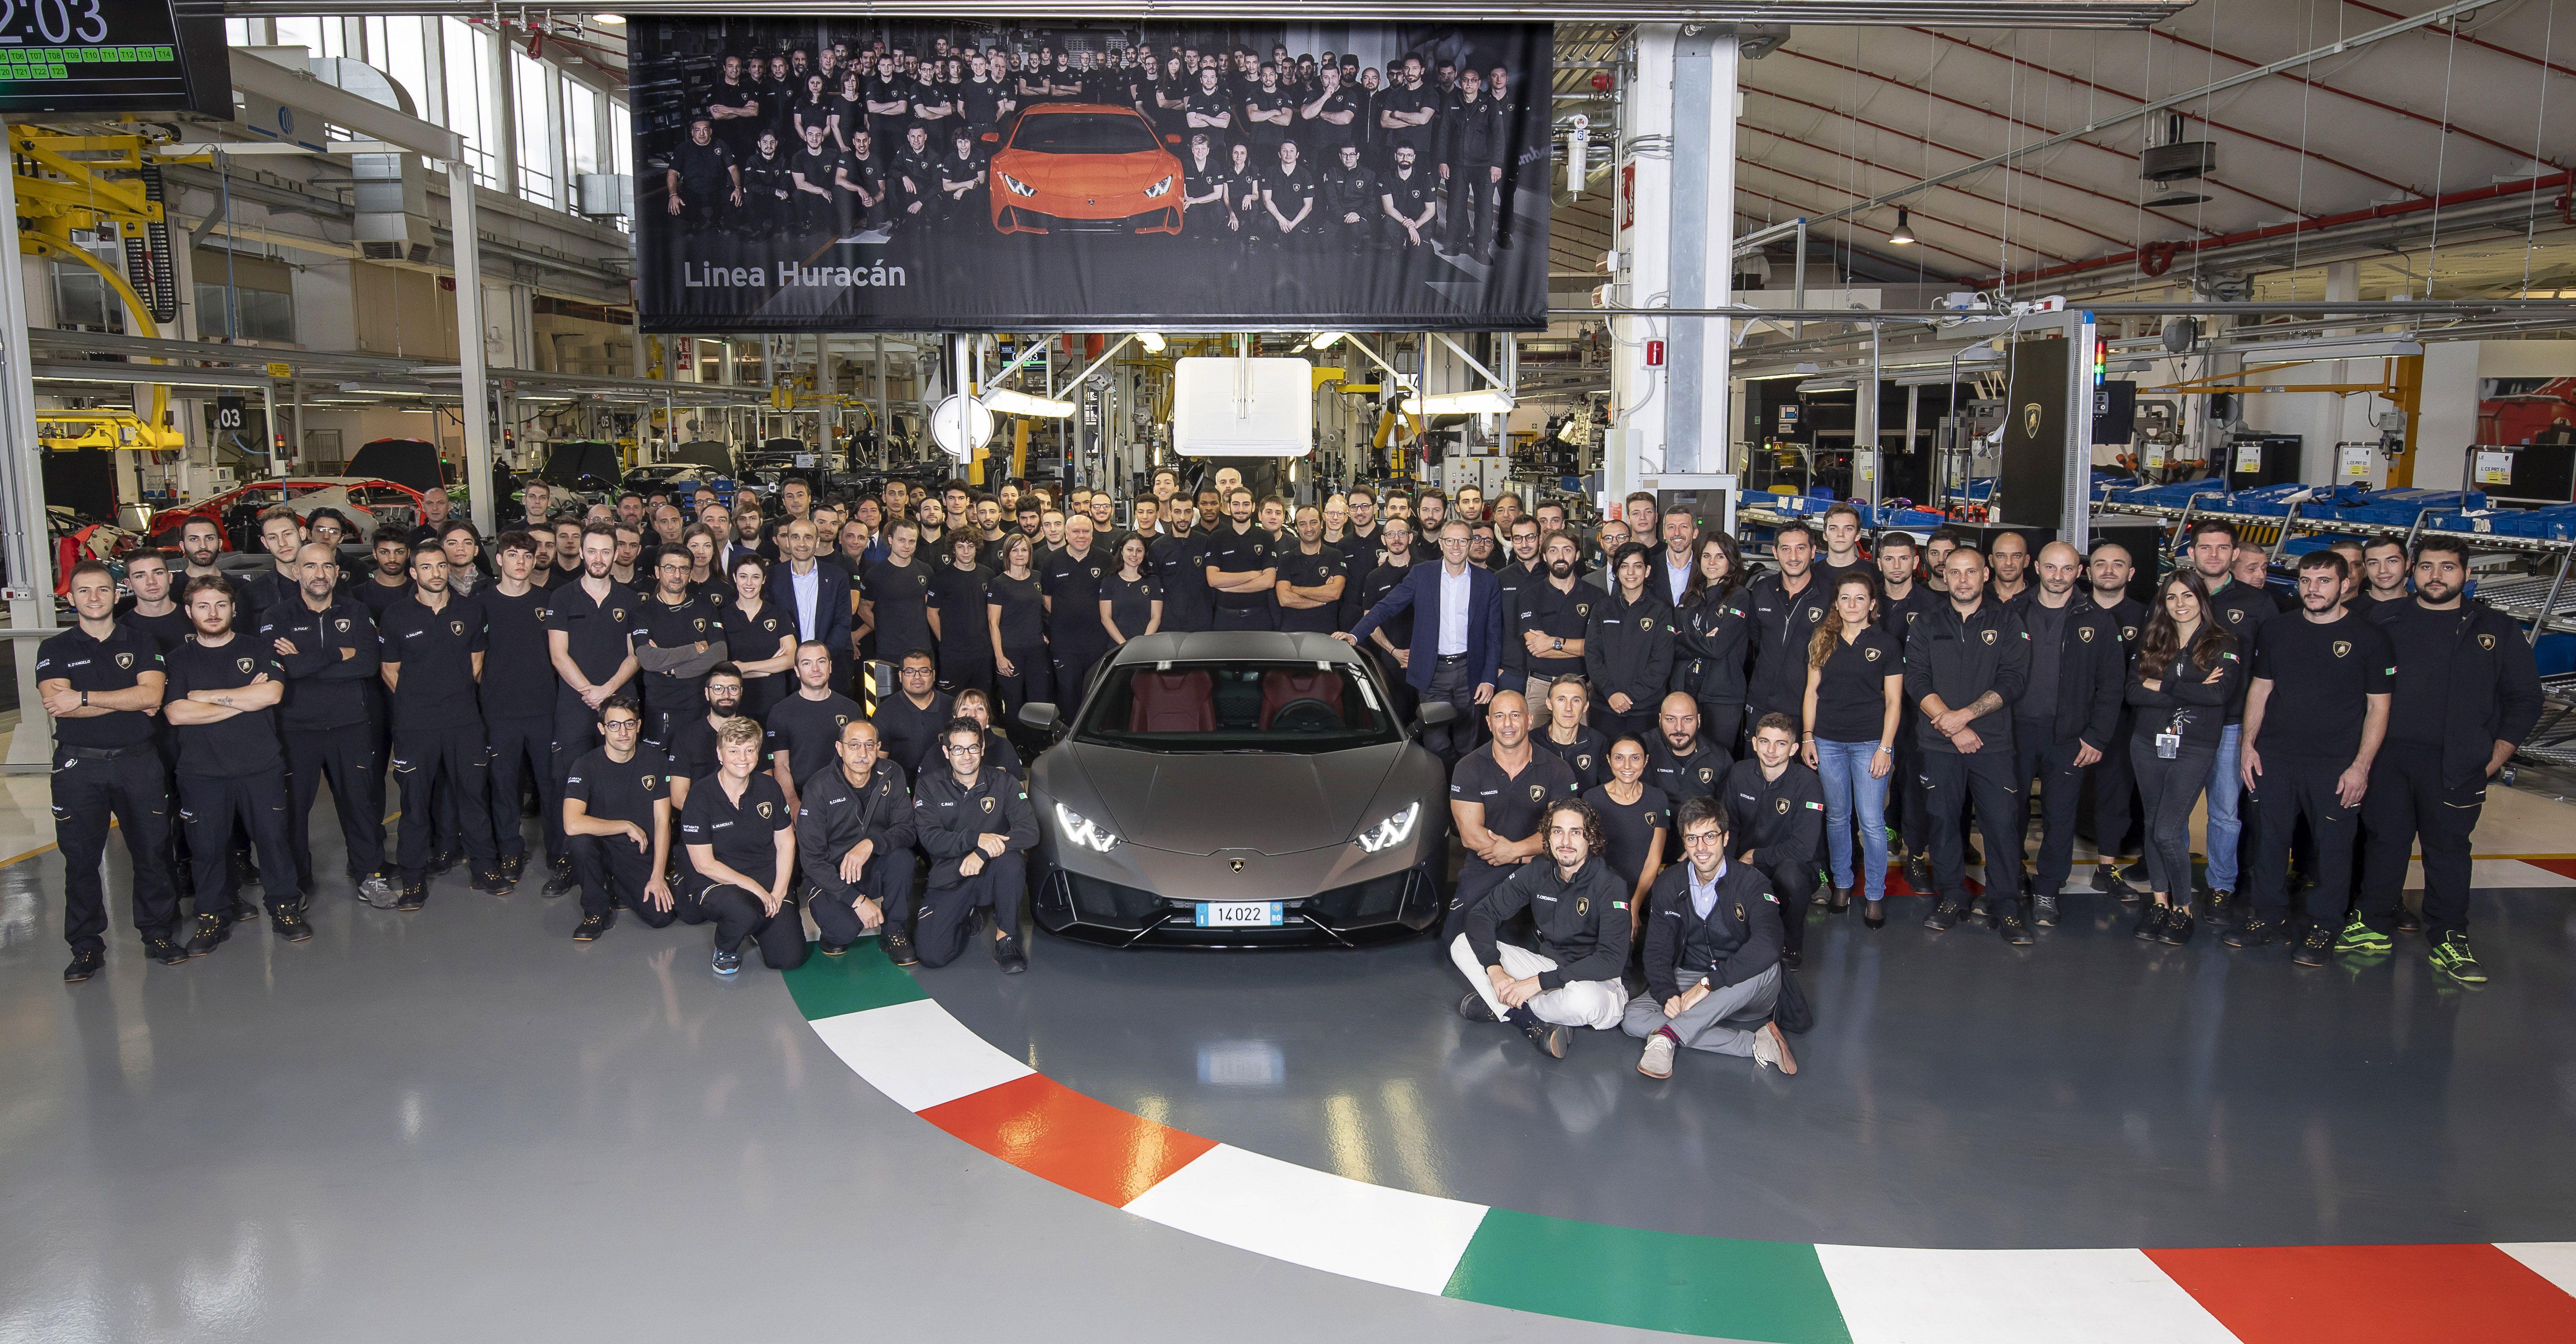 Lamborghini Built 14,022 Huracans in Five Years